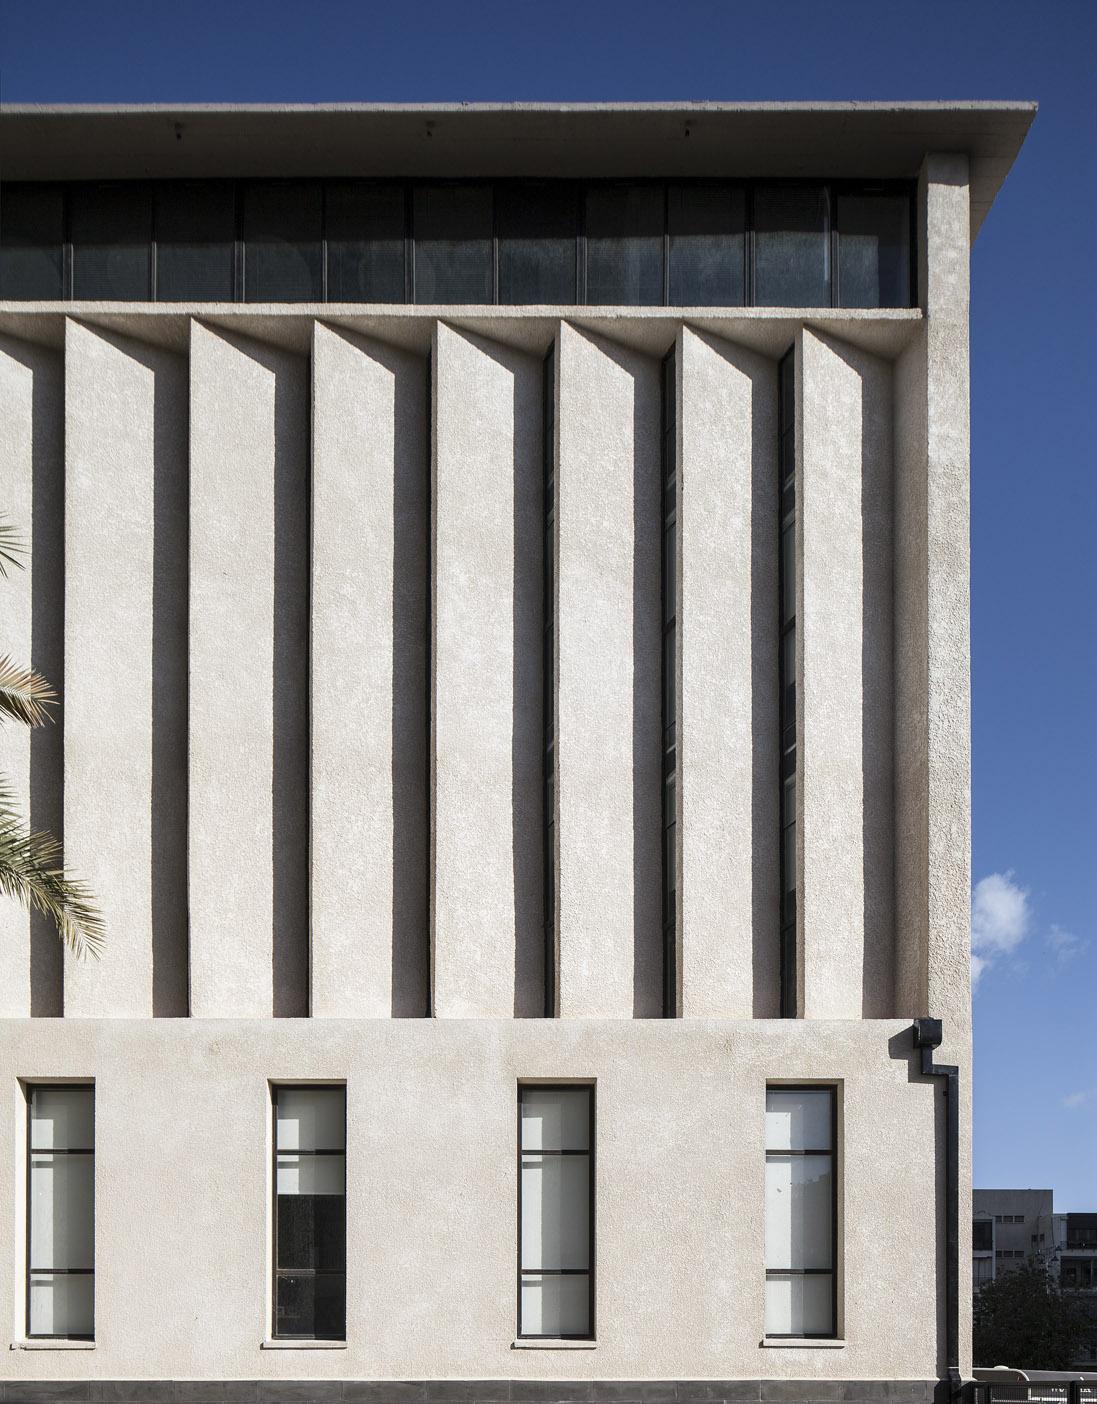 שימור מבנה משנות ה-60 שתוכנן ע״י האדריכל יוחנן רטנר , בשיתוף עם האדריכלית נעמי קטן. צילום: עמית גירון